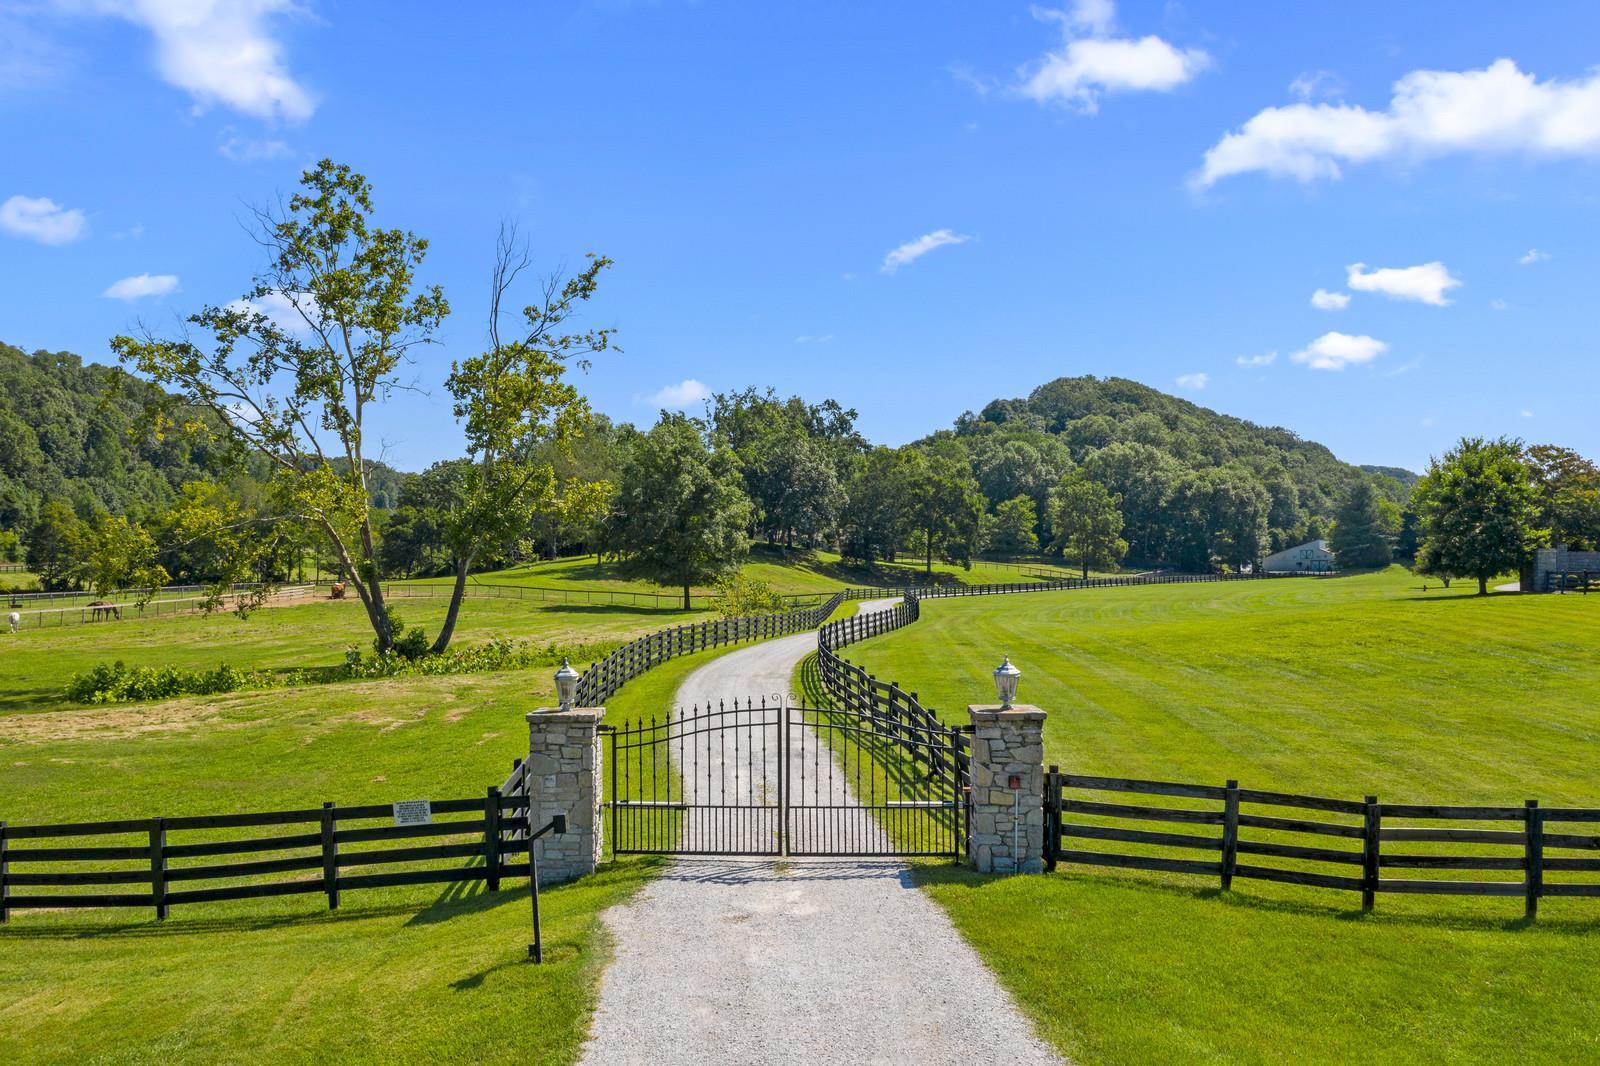 4002 New Highway 96 W, W, Franklin, TN 37064 - Franklin, TN real estate listing